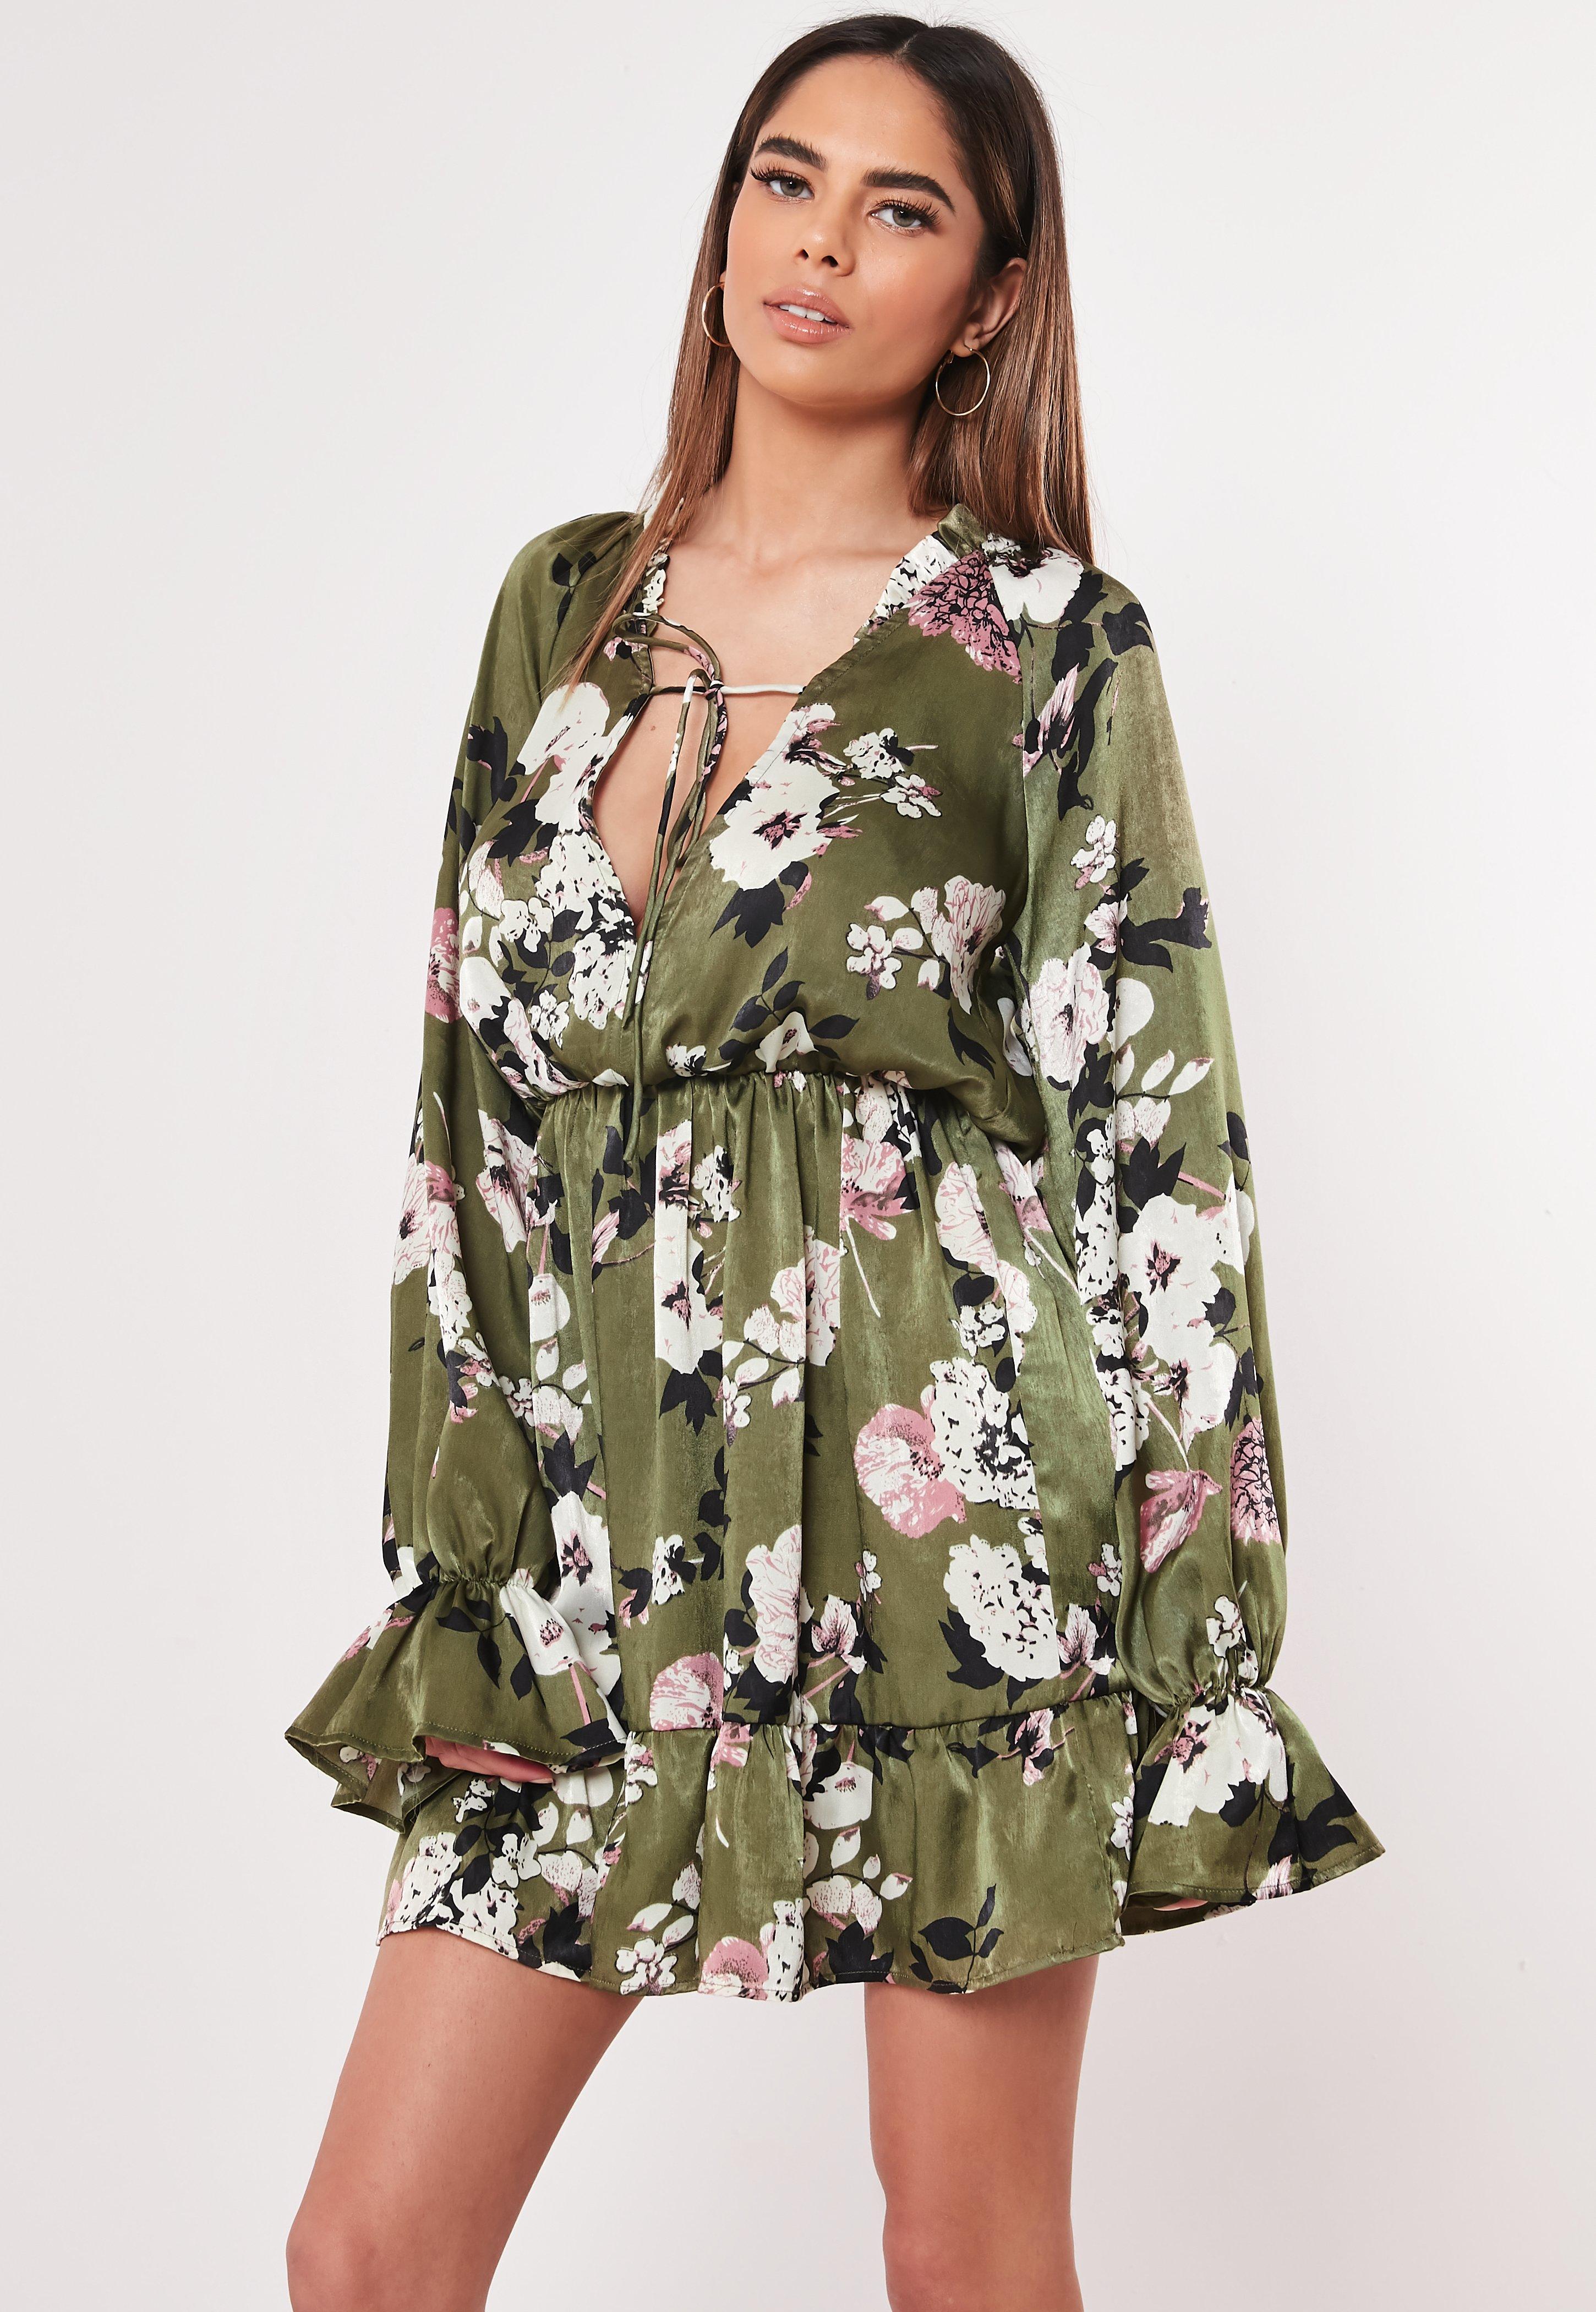 b0cc7260f150 Dresses UK